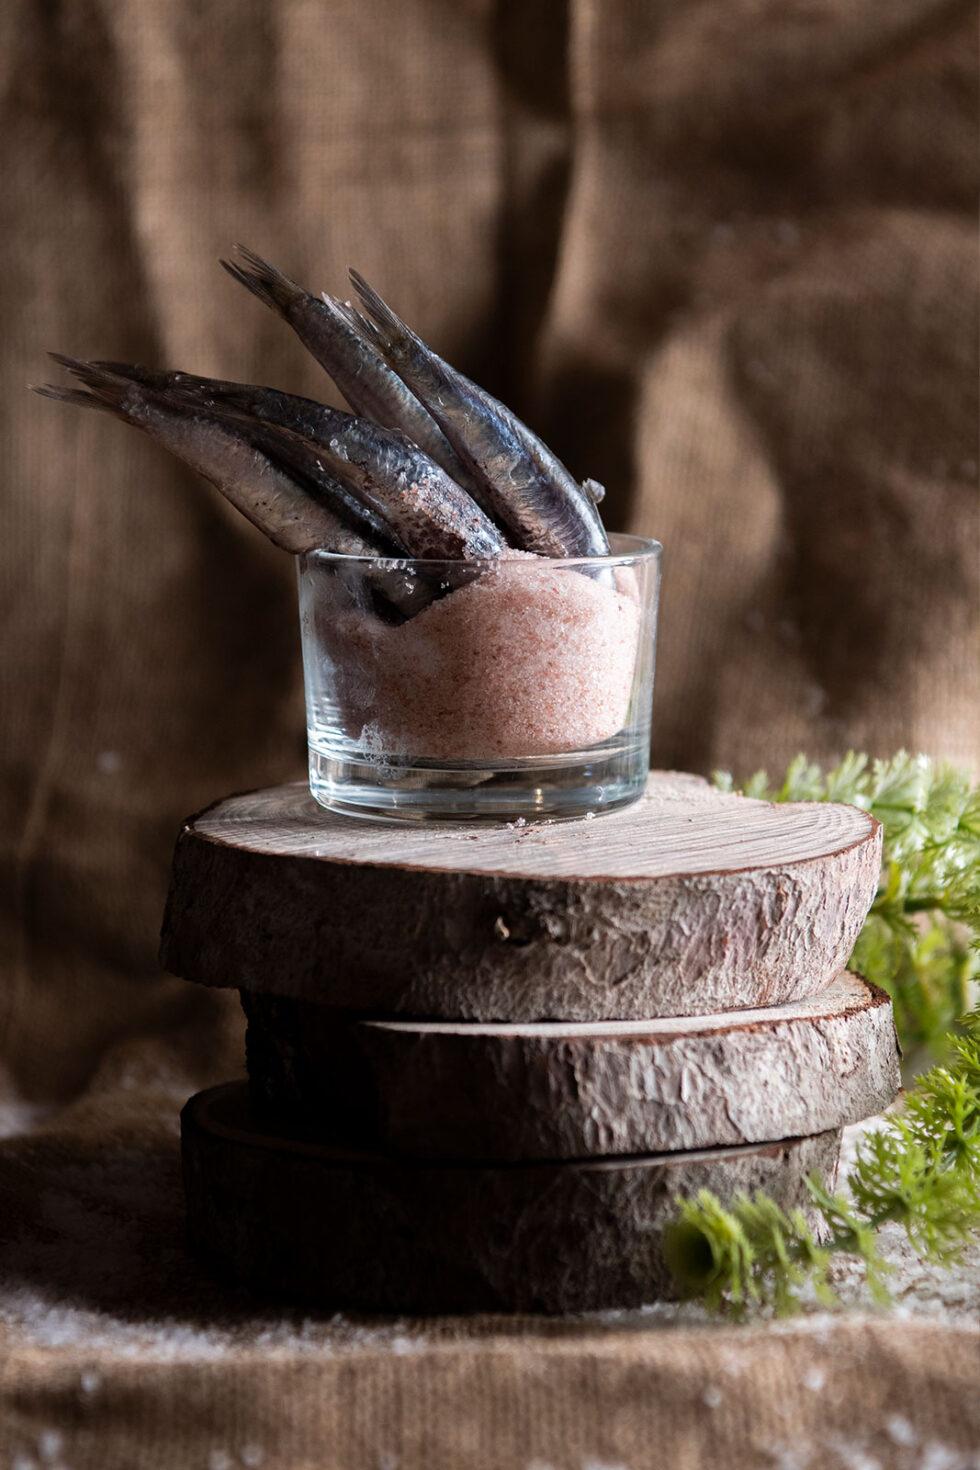 Sardines in pink salt